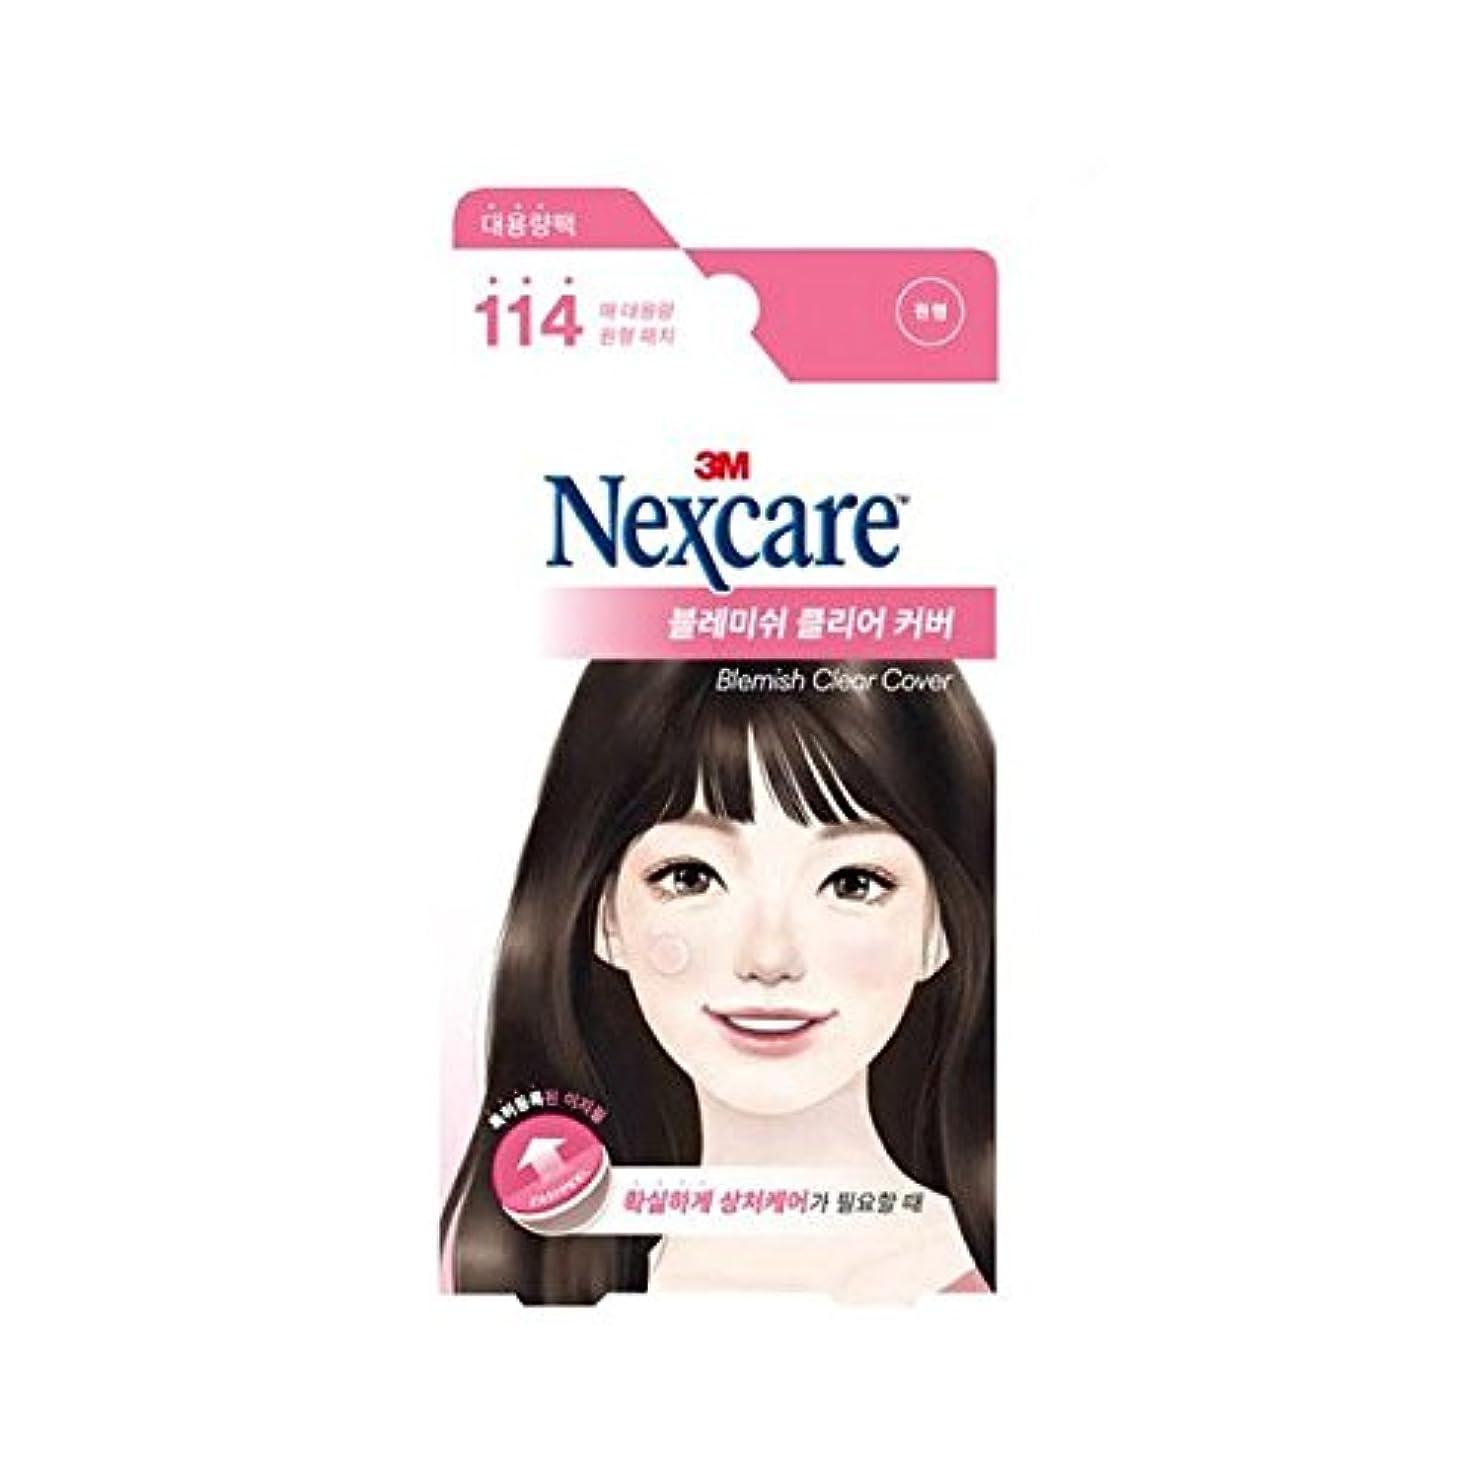 座る成果眠り[New] 3M Nexcare Blemish Clear Cover Easy Peel 114 Patches/3M ネクスケア ブレミッシュ クリア カバー イージー ピール 114パッチ入り [並行輸入品]